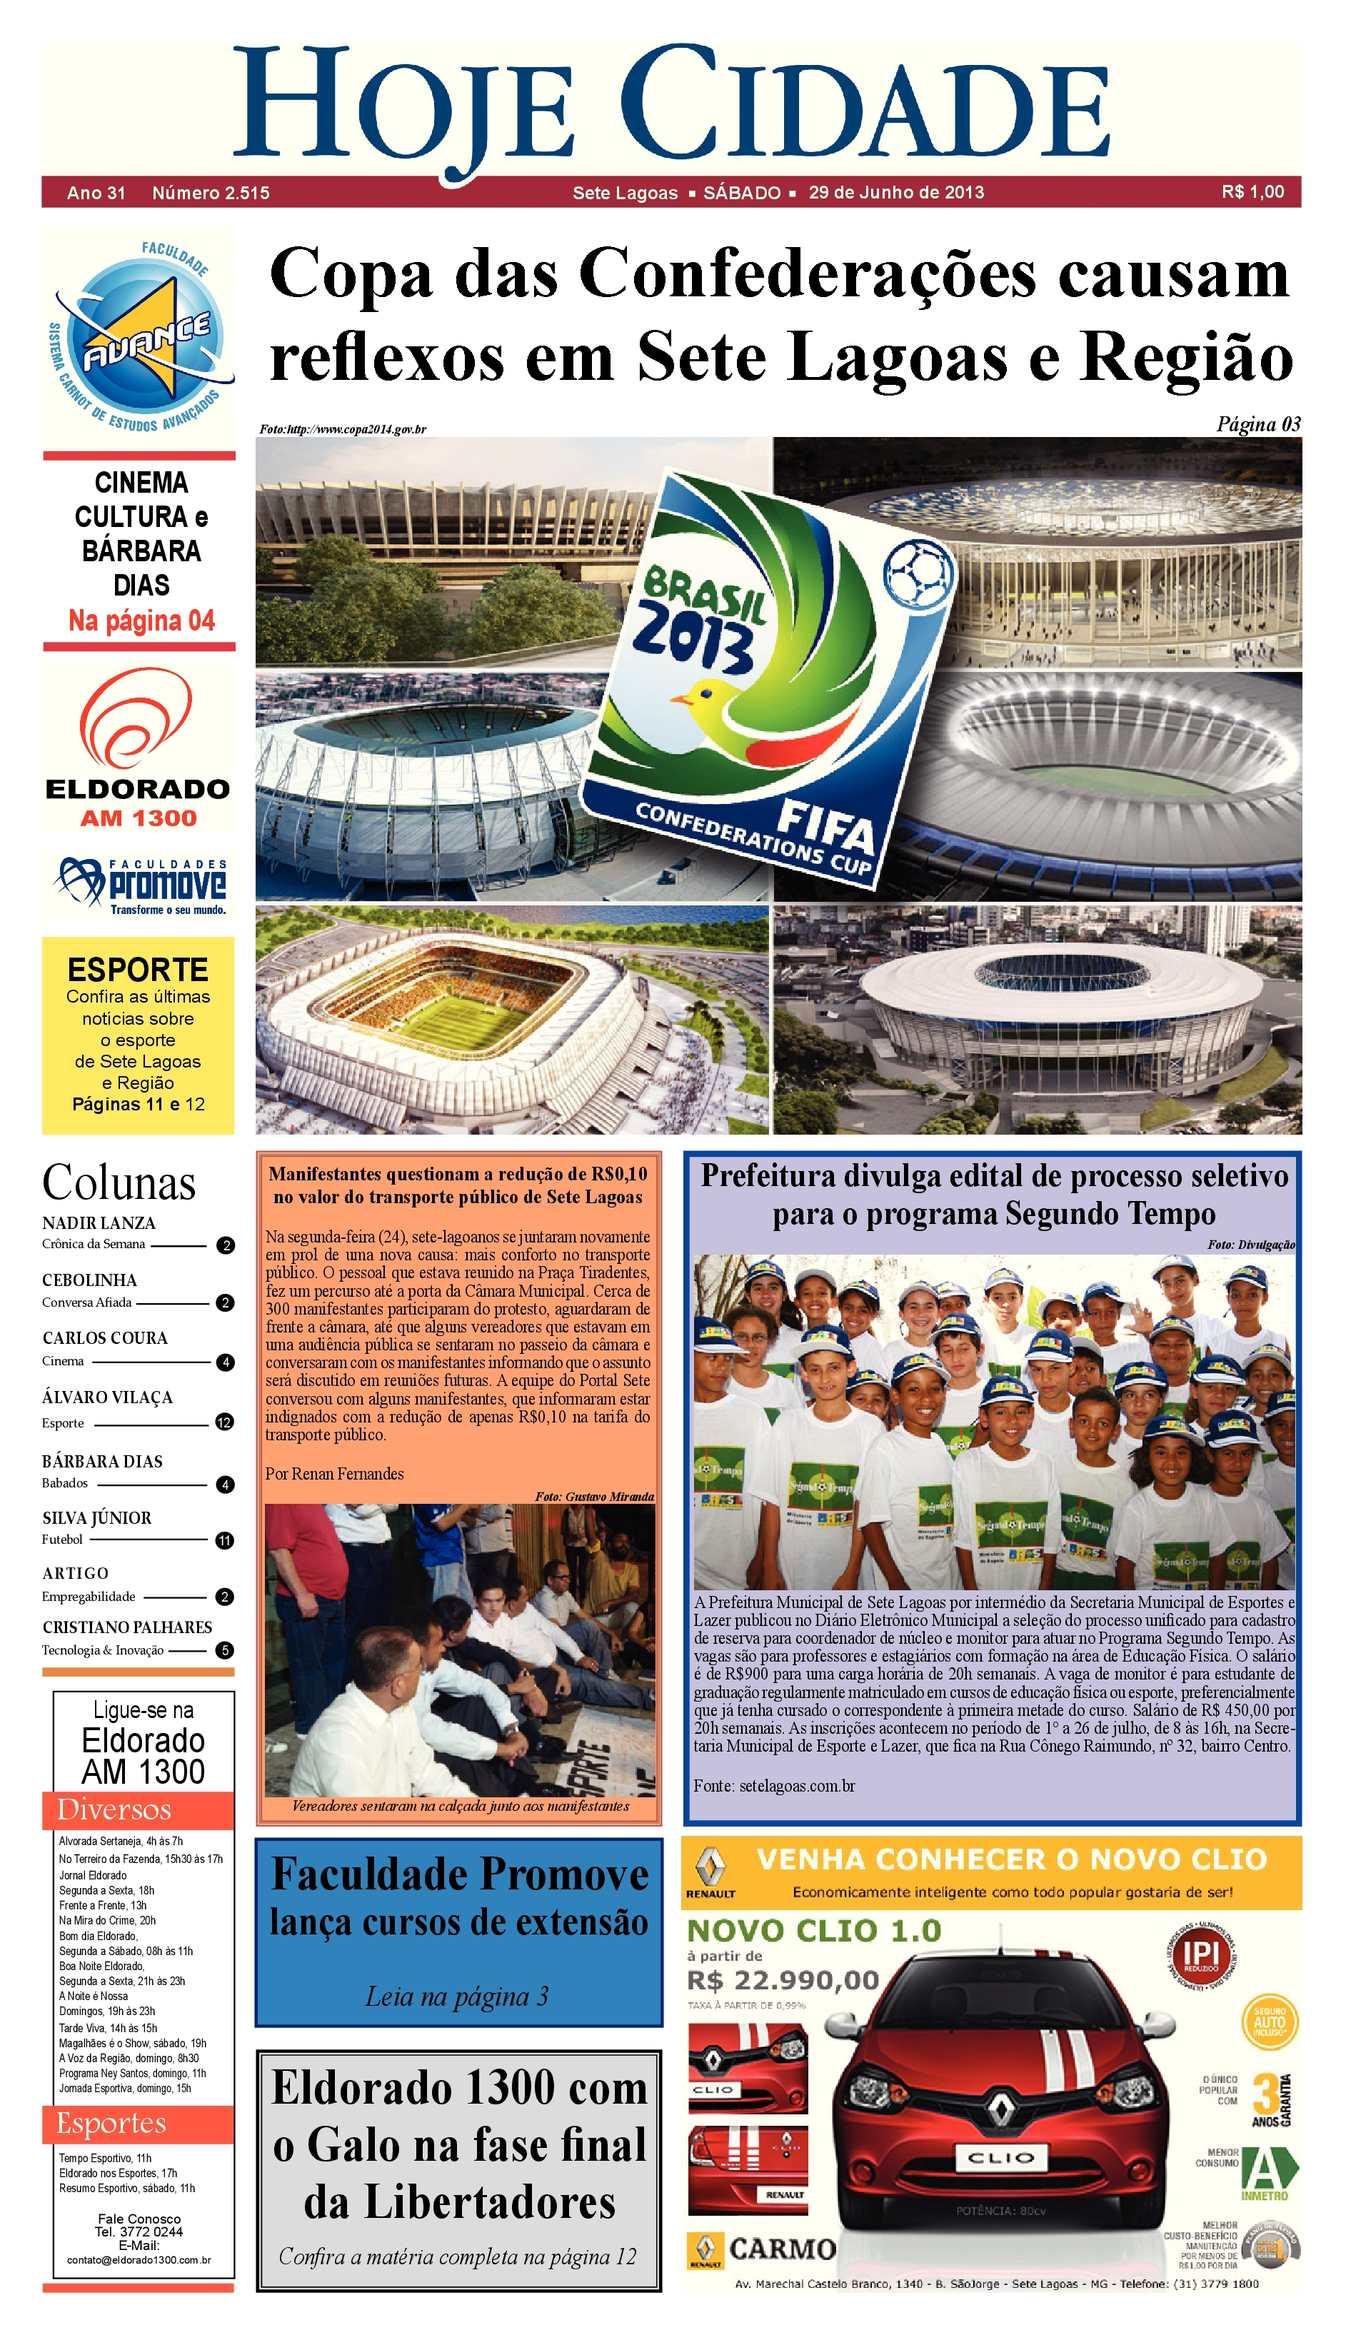 846781e485 Calaméo - Jornal Hoje Cidade dia 29 06 2013 - Edição 2515